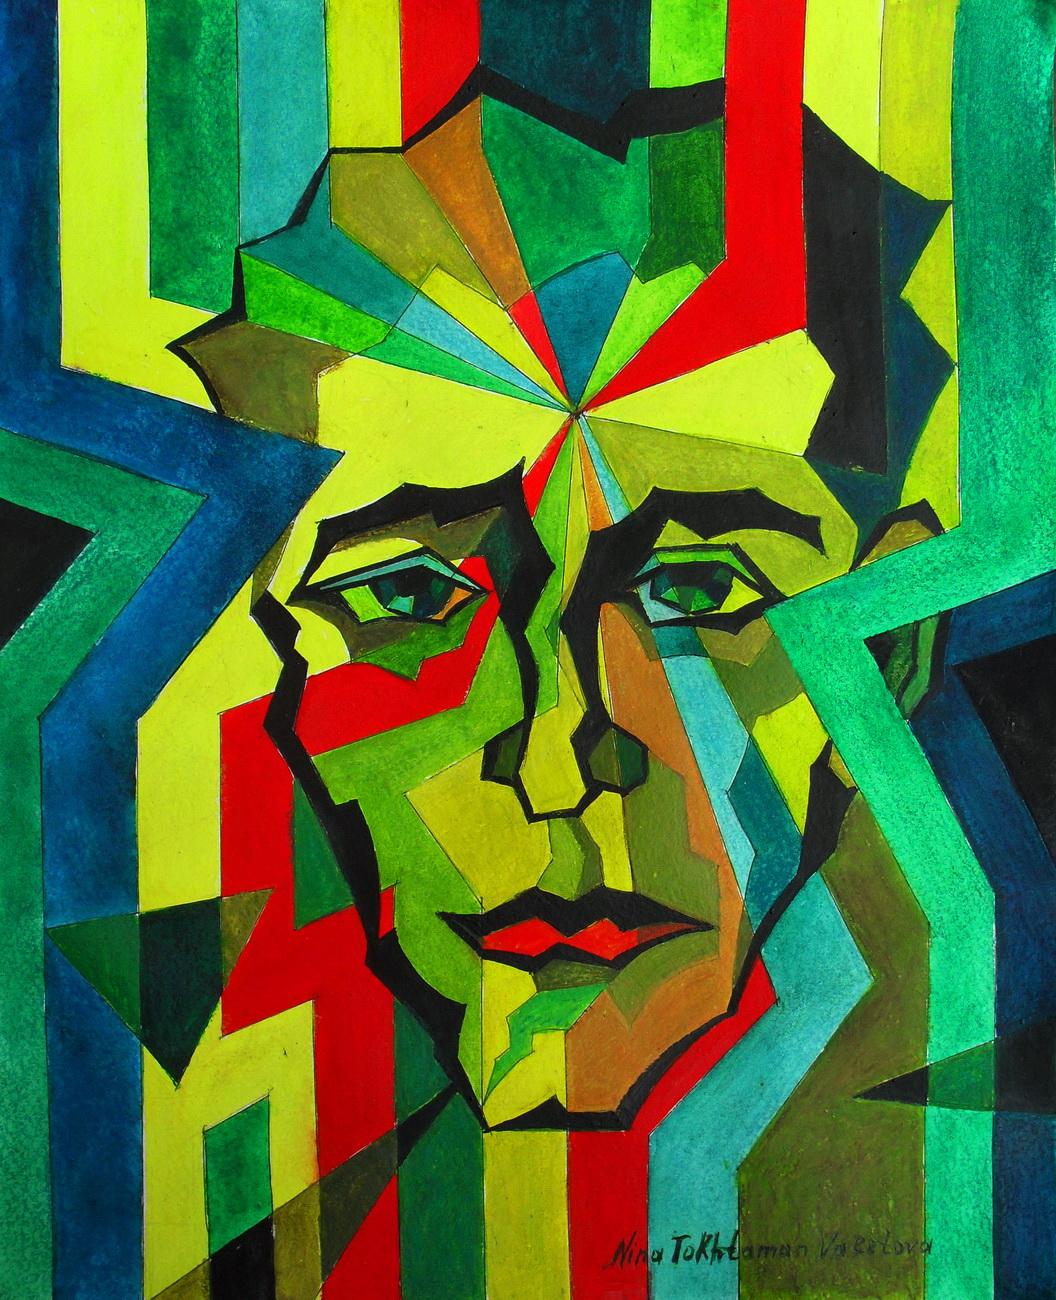 Insight, dipinto di Nina Tokhtaman Valetova